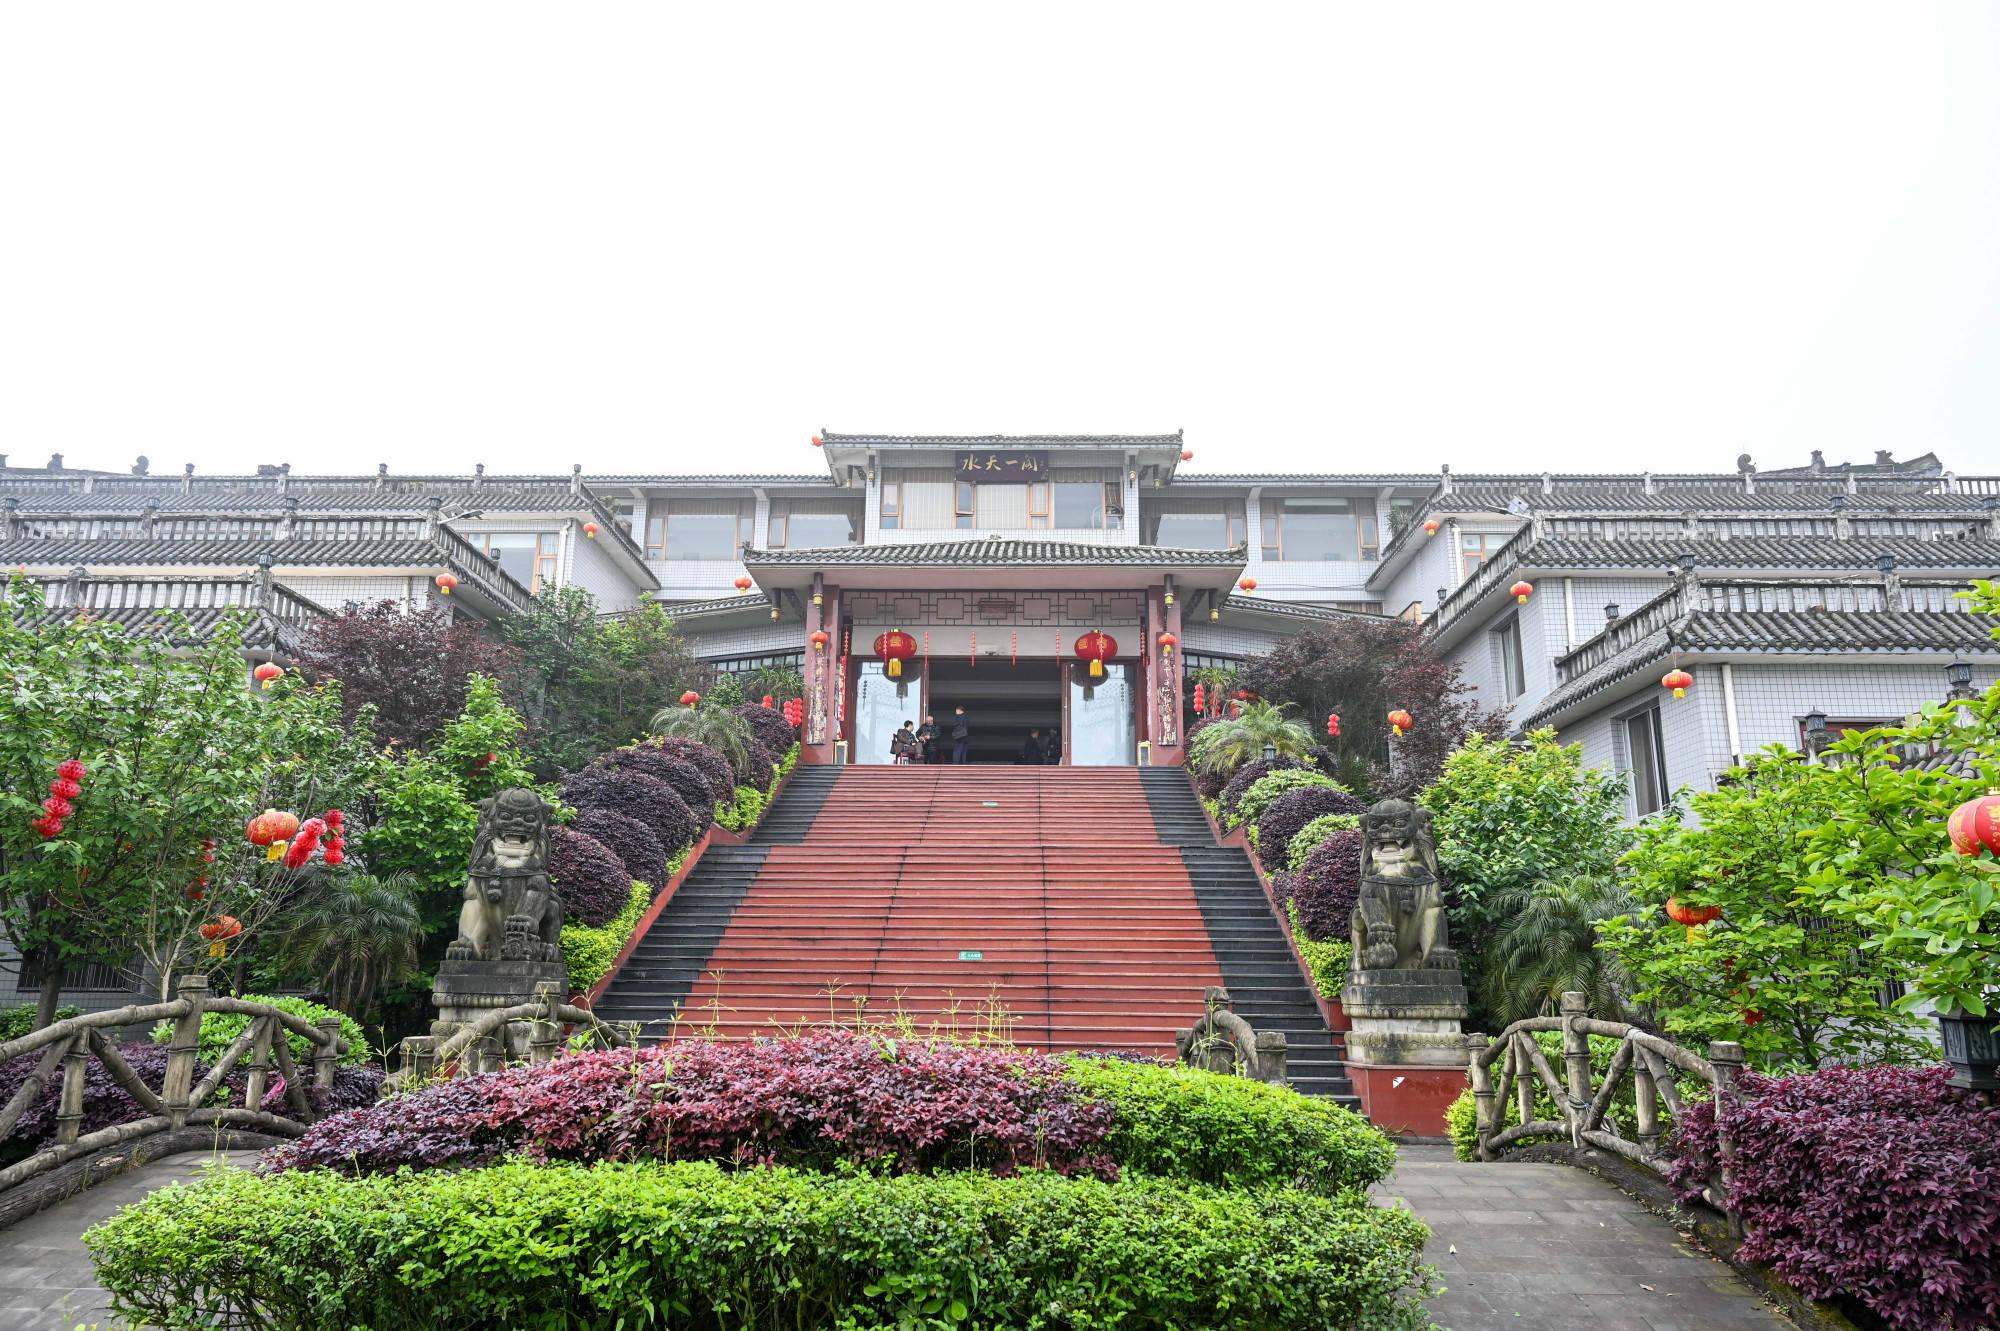 """五一长假避暑胜地,泸州合江八景之一,一览合江人的""""后花园"""""""